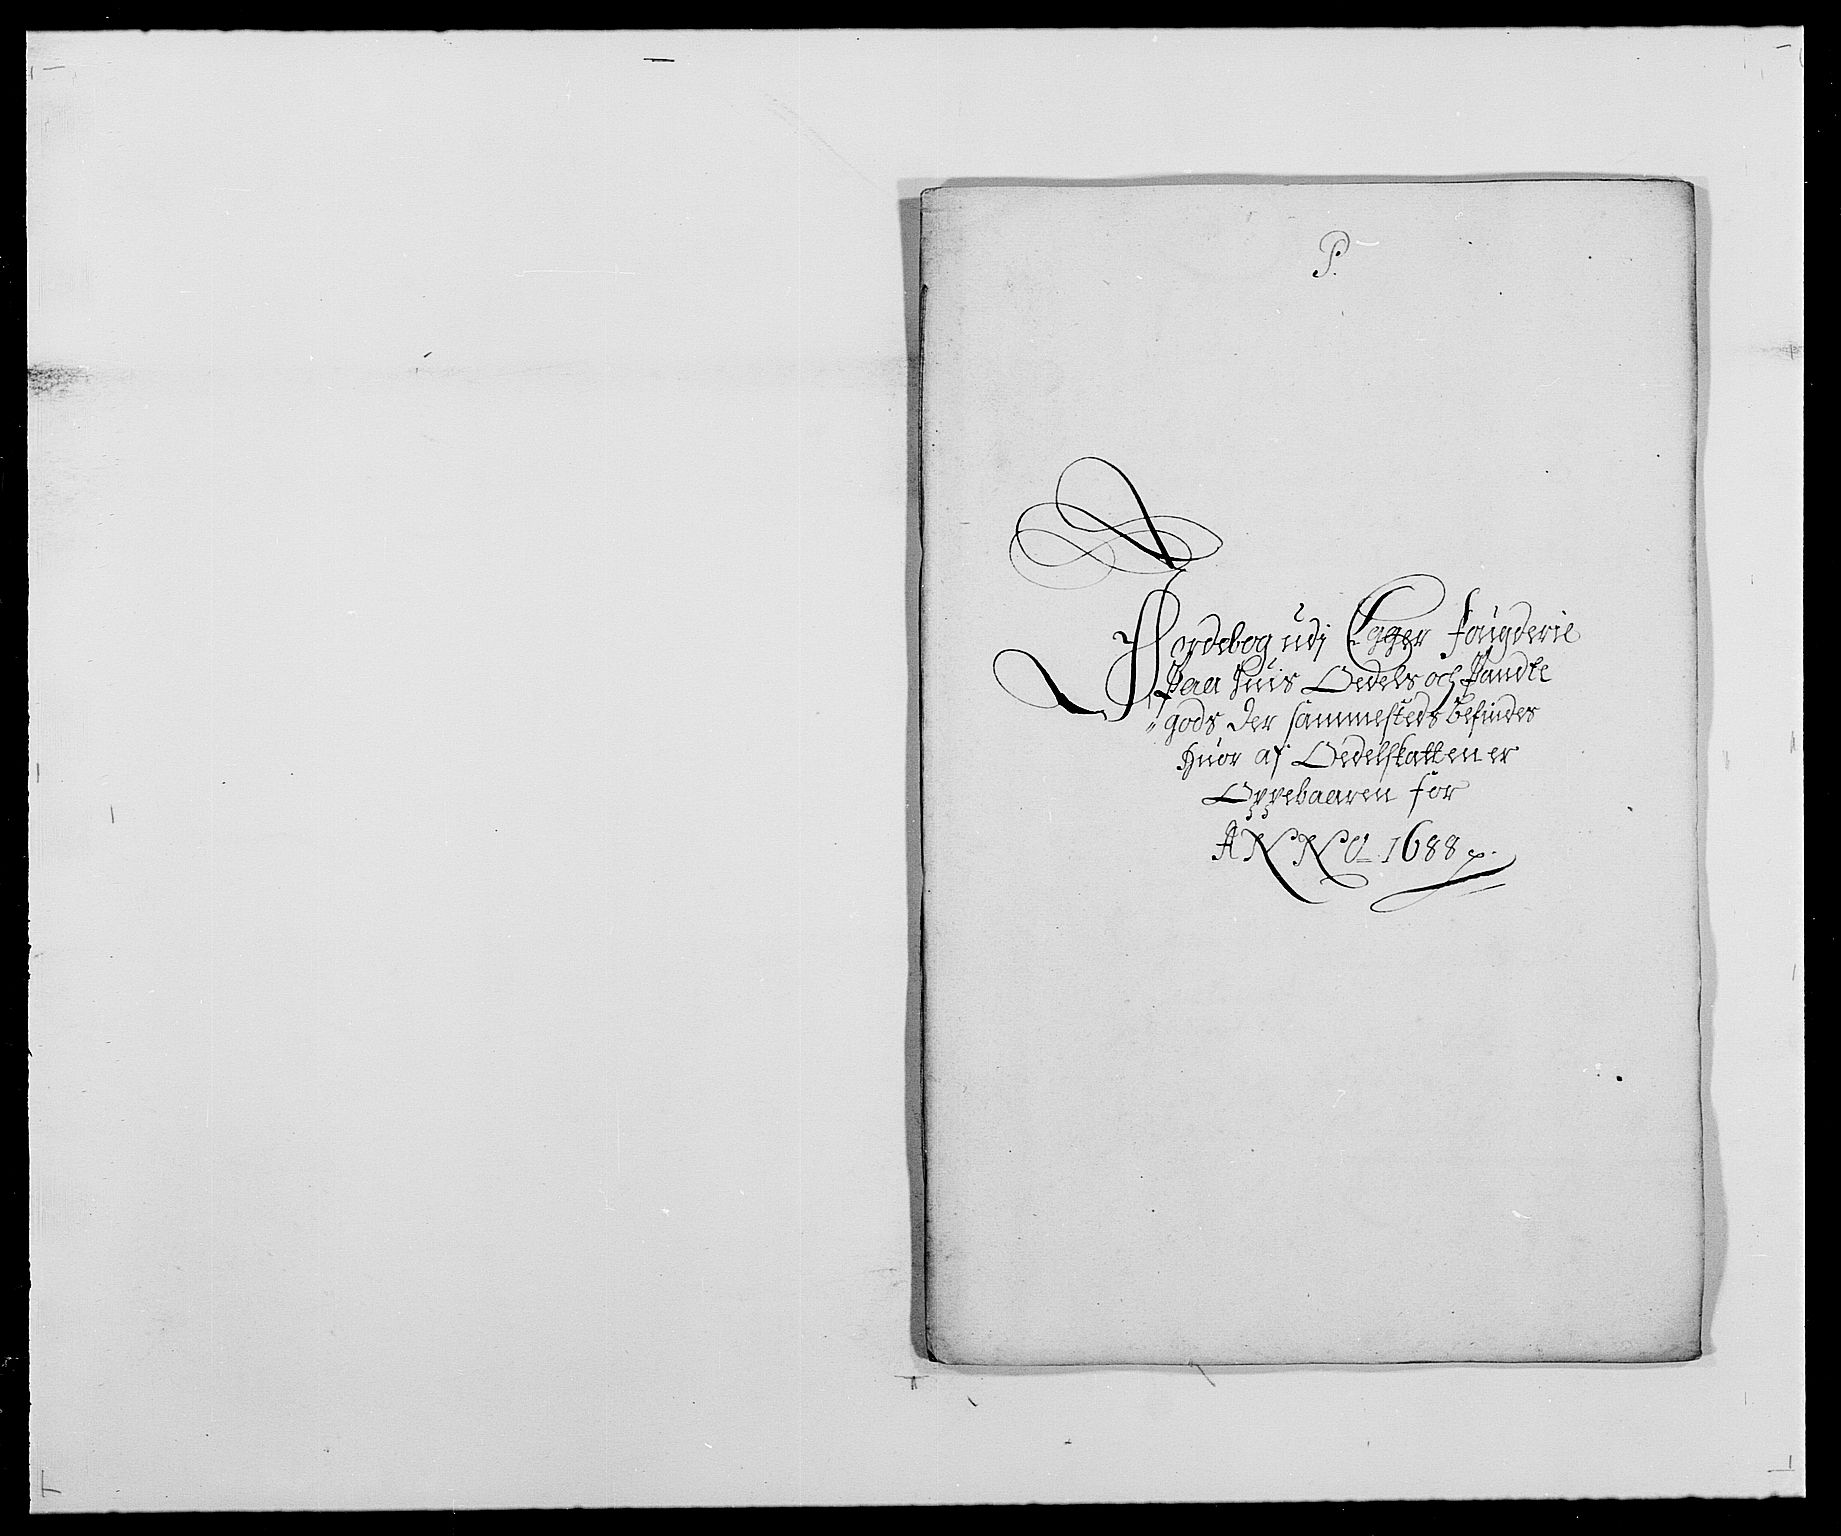 RA, Rentekammeret inntil 1814, Reviderte regnskaper, Fogderegnskap, R28/L1688: Fogderegnskap Eiker og Lier, 1687-1689, s. 227